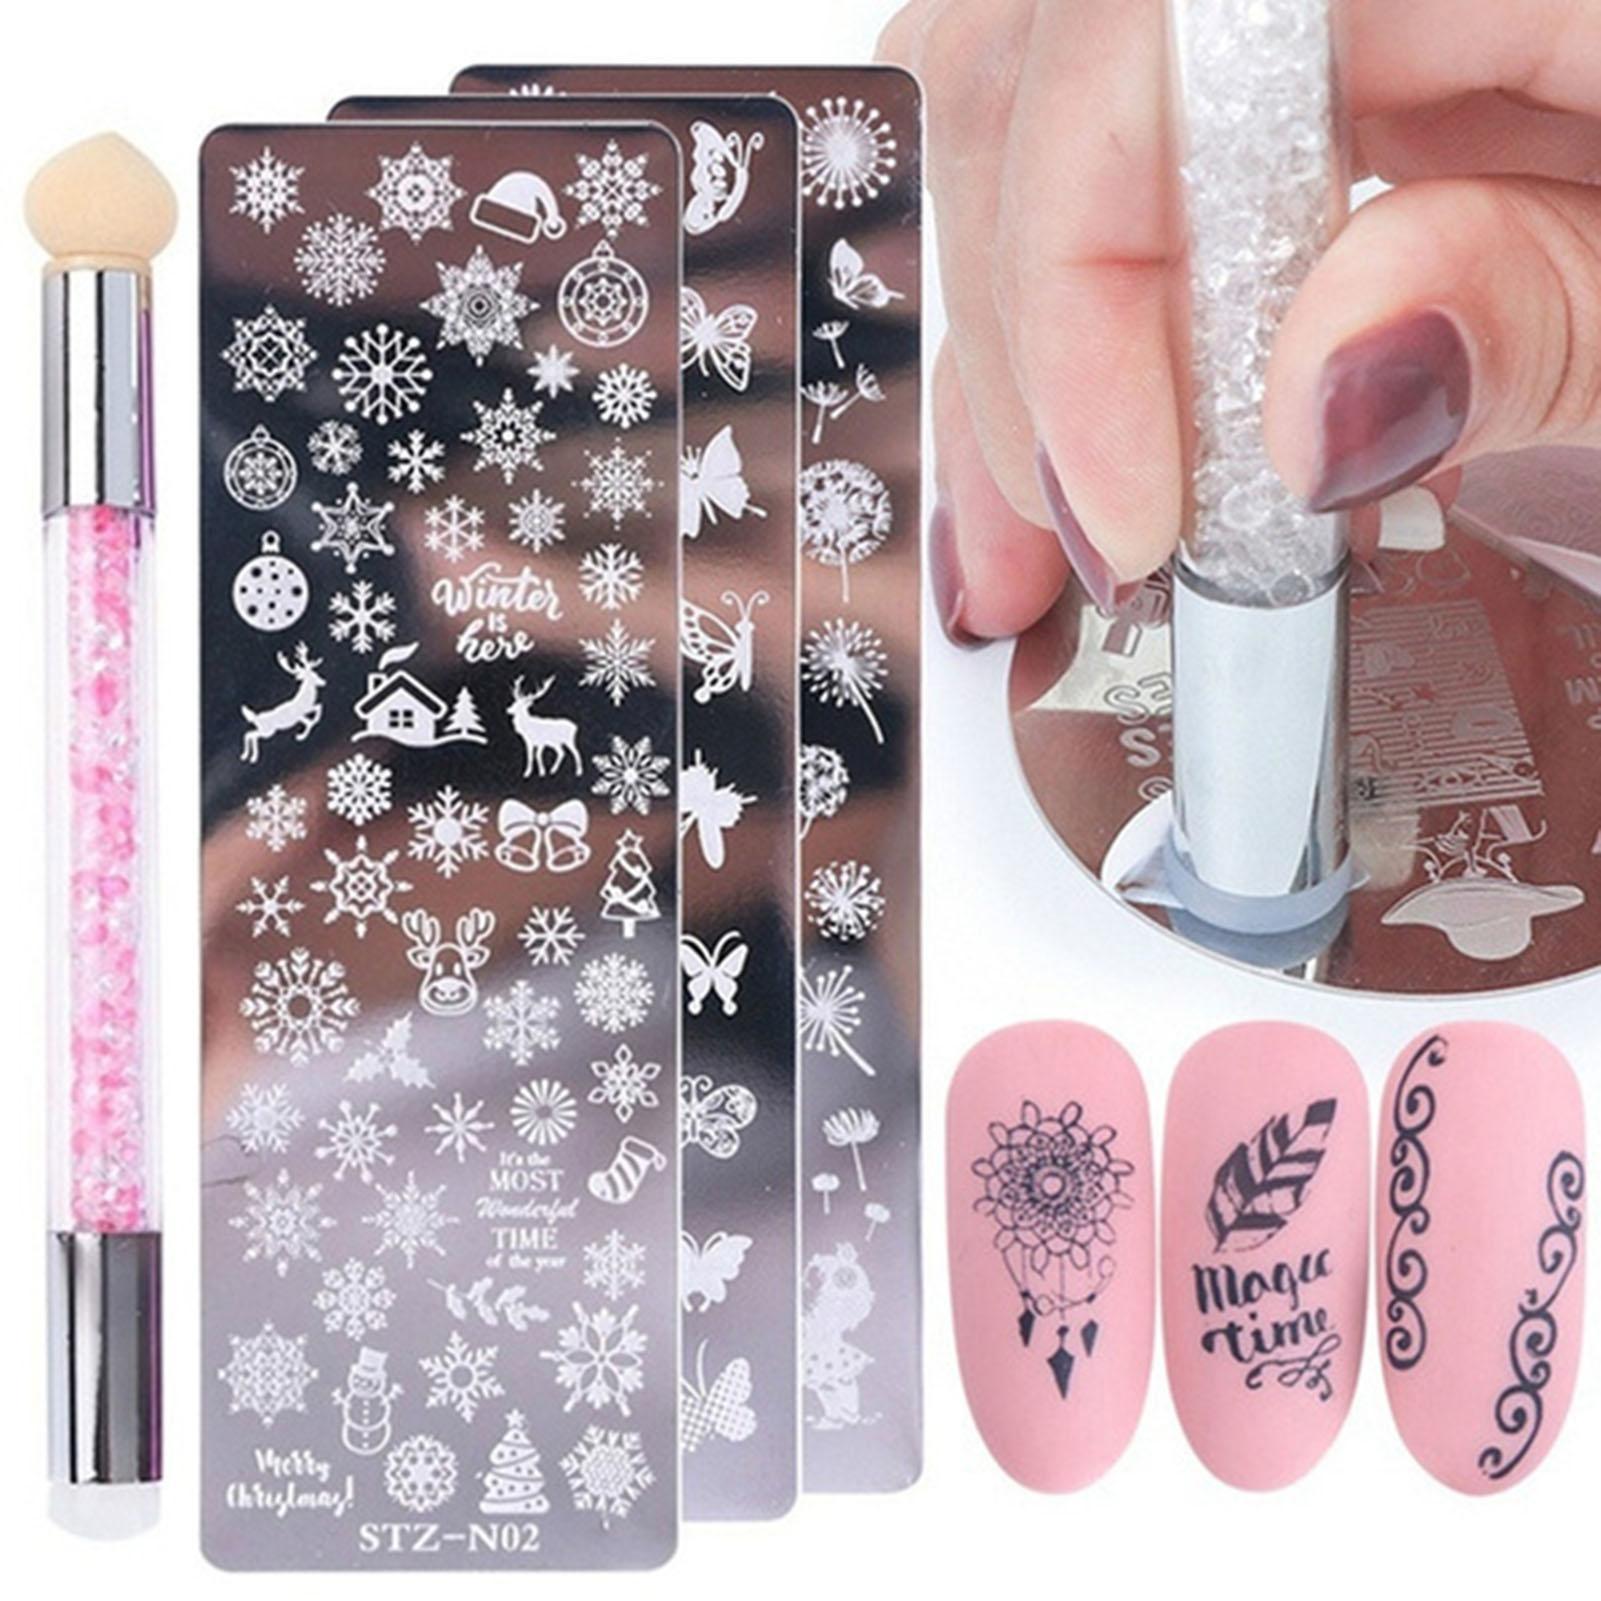 Двухсторонняя головка штампа полировка для рисования Рисование маникюрный ручка для нейл-арта инструмент лак для ногтей штампа пластины ш...